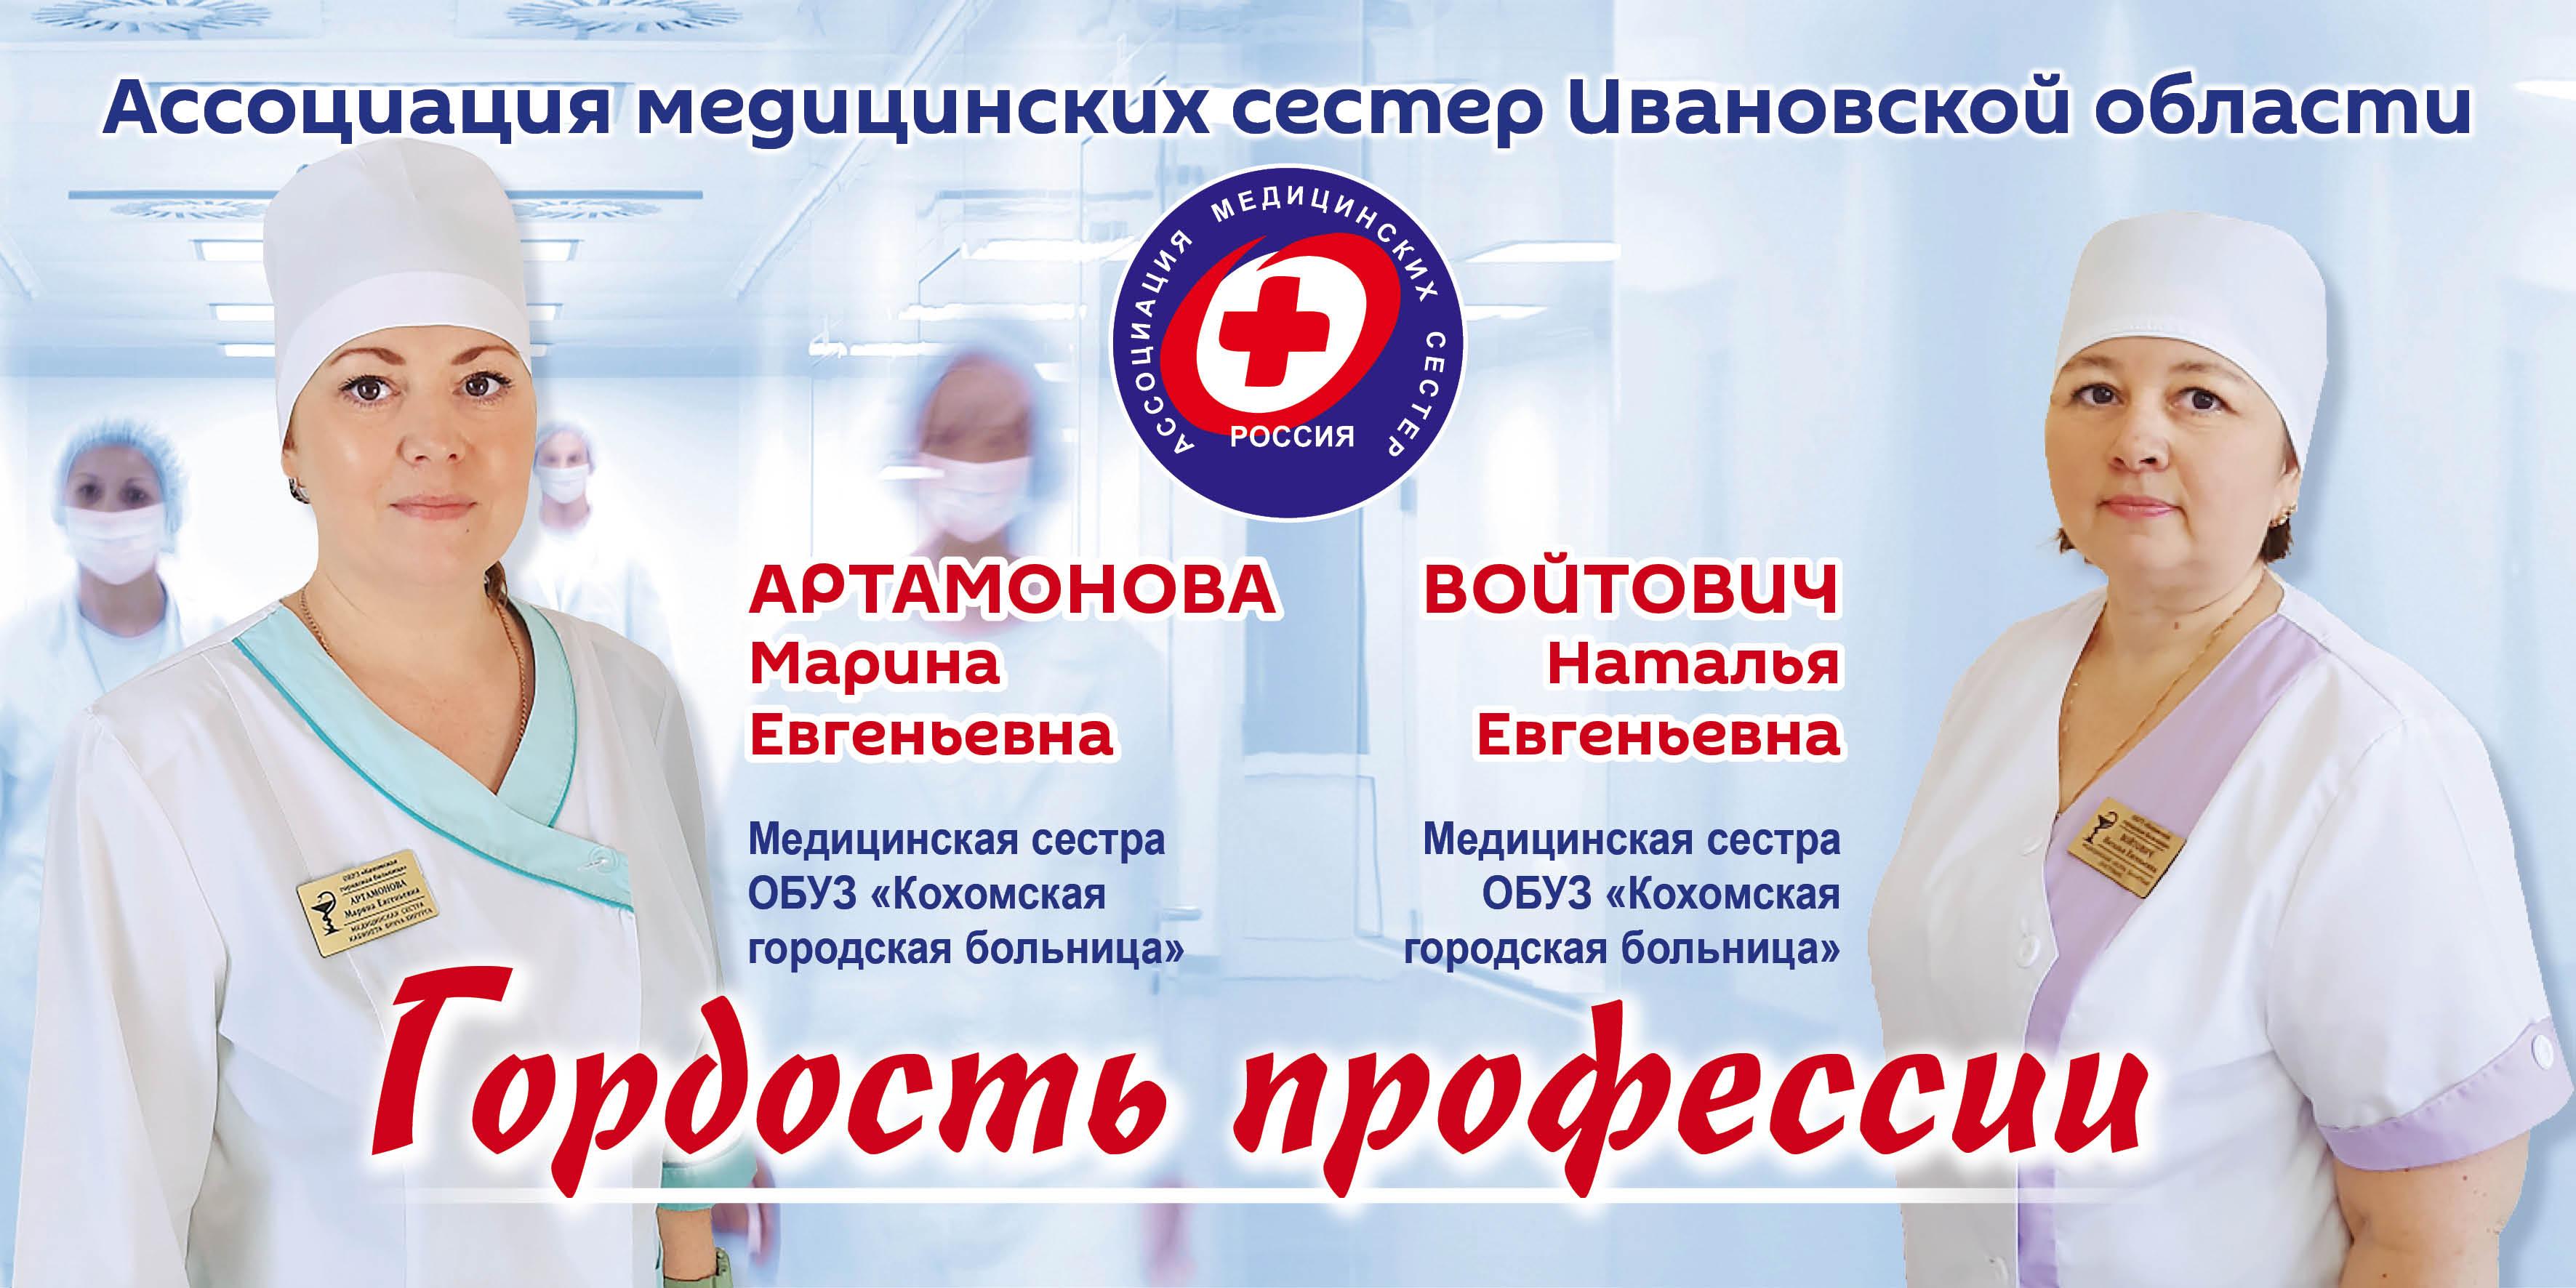 В 2020 году в Ассоциации медицинских сестер Ивановской области стартовала акция «Гордость профессии». Данная акция подразумевает знакомство жителей Ивановской области с  заслуженными профессионалами в области сестринского дела.